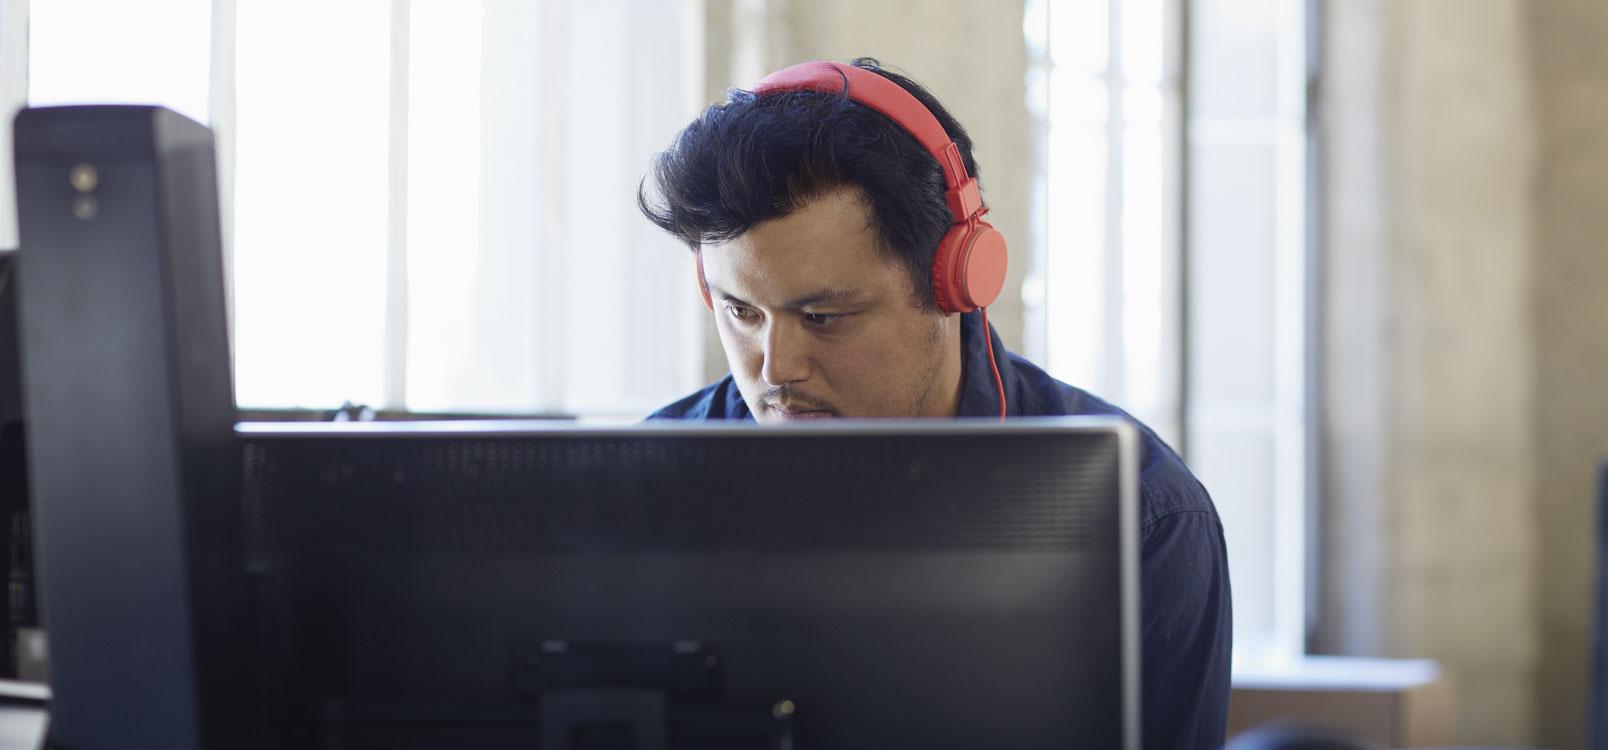 ชายคนหนึ่งกำลังสวมหูฟังทำงานที่เดสก์ท็อปพีซี โดยใช้ Office 365 เพื่อทำให้ IT ง่ายขึ้น